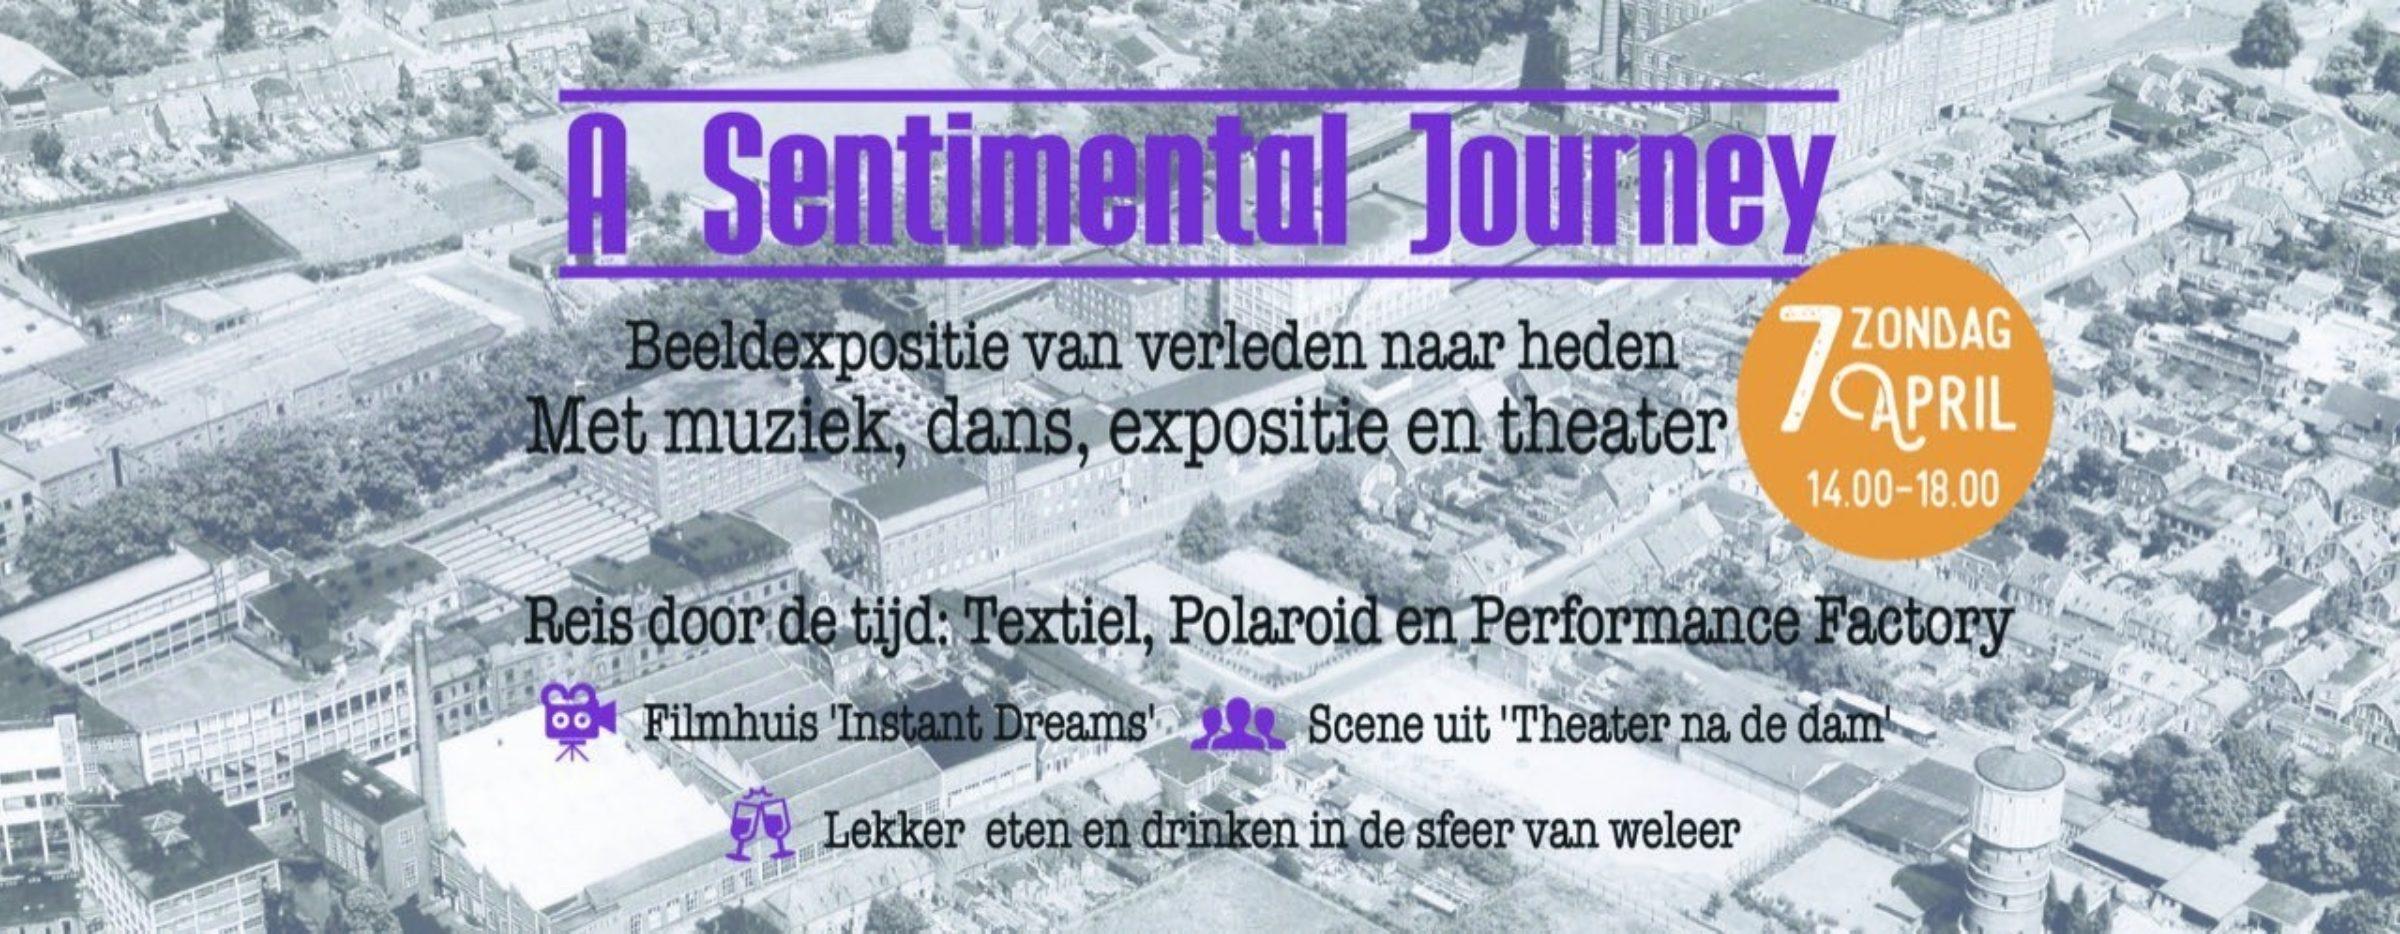 Evenement A Sentimental 1 2365 1551795169 35hxe8m9ec